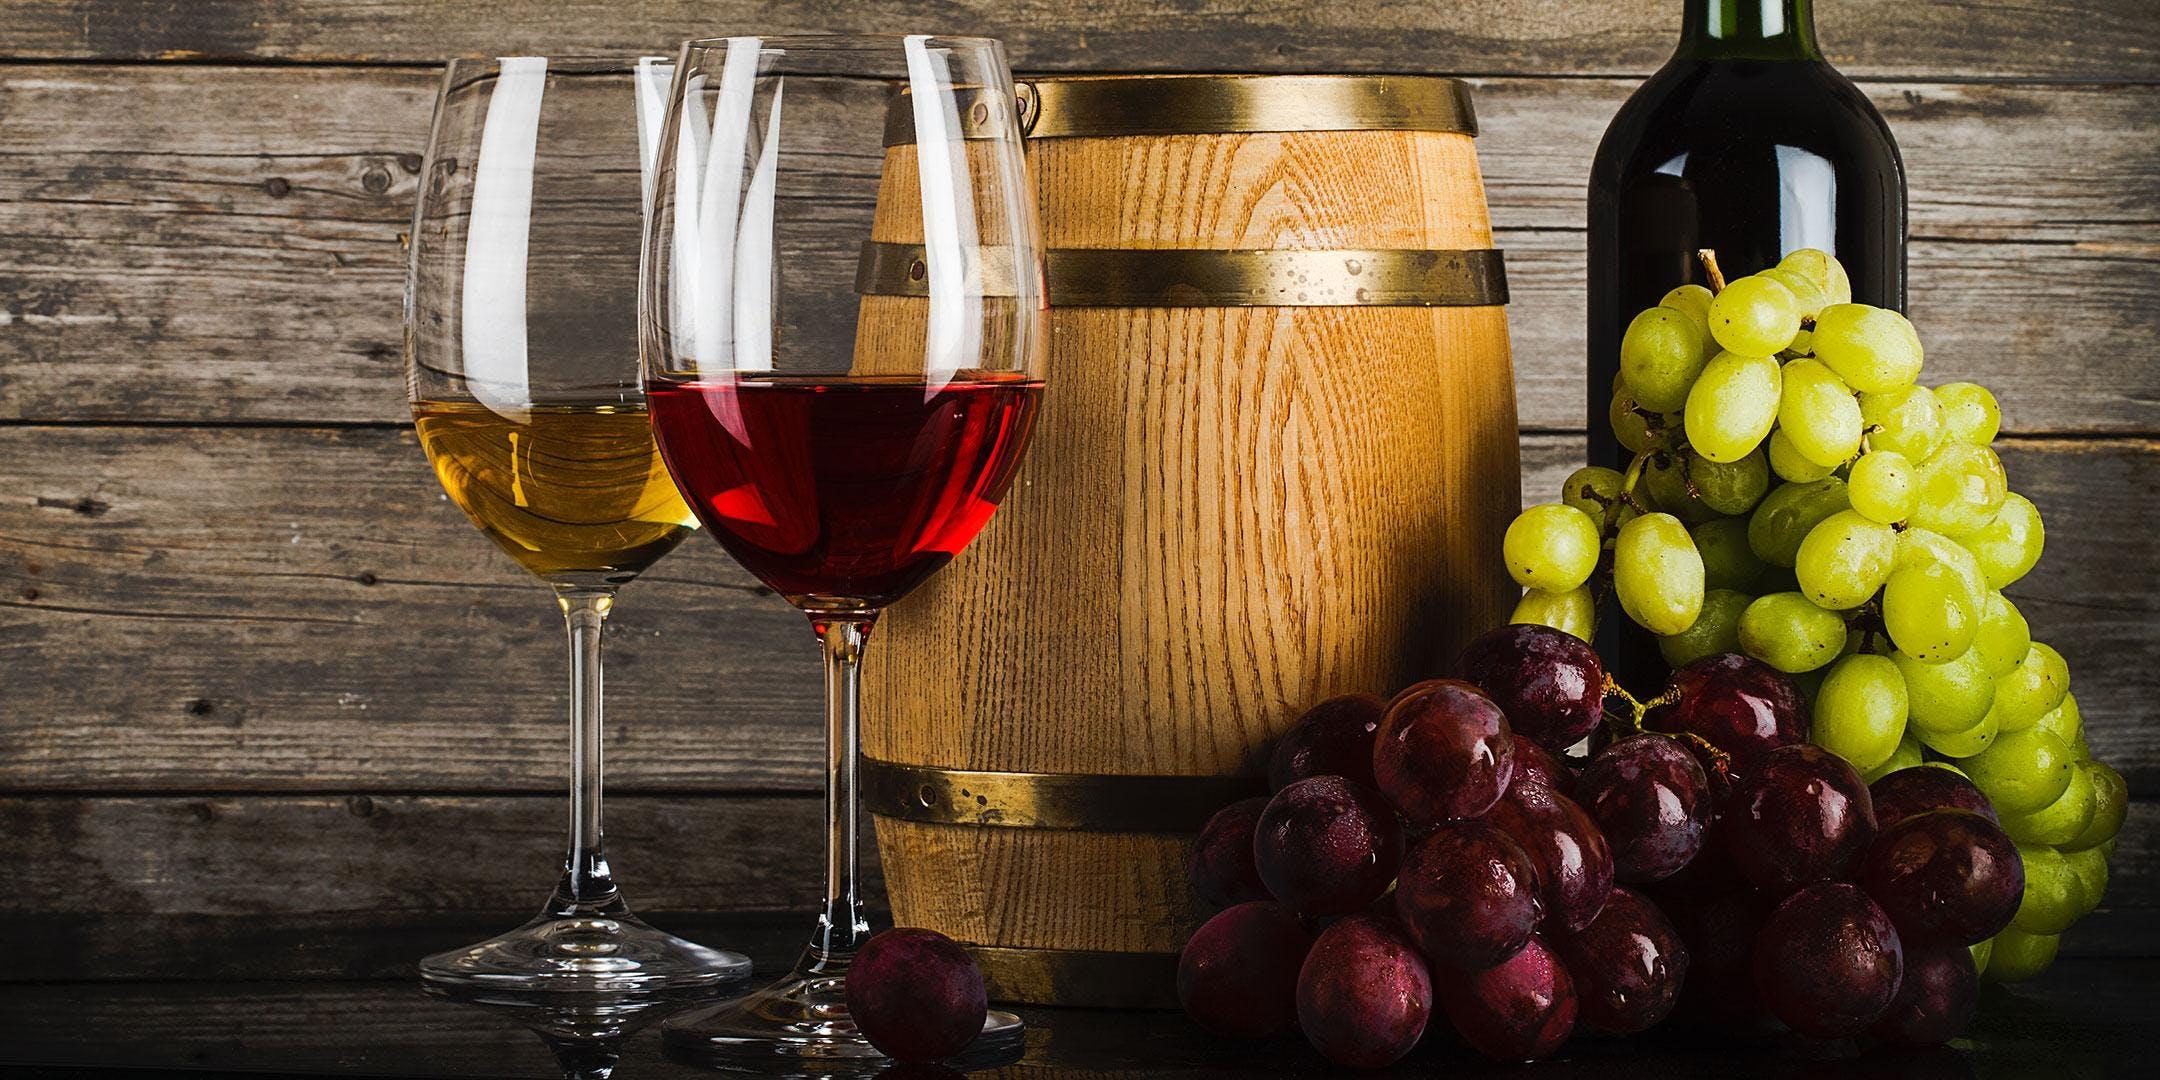 Make Wine!